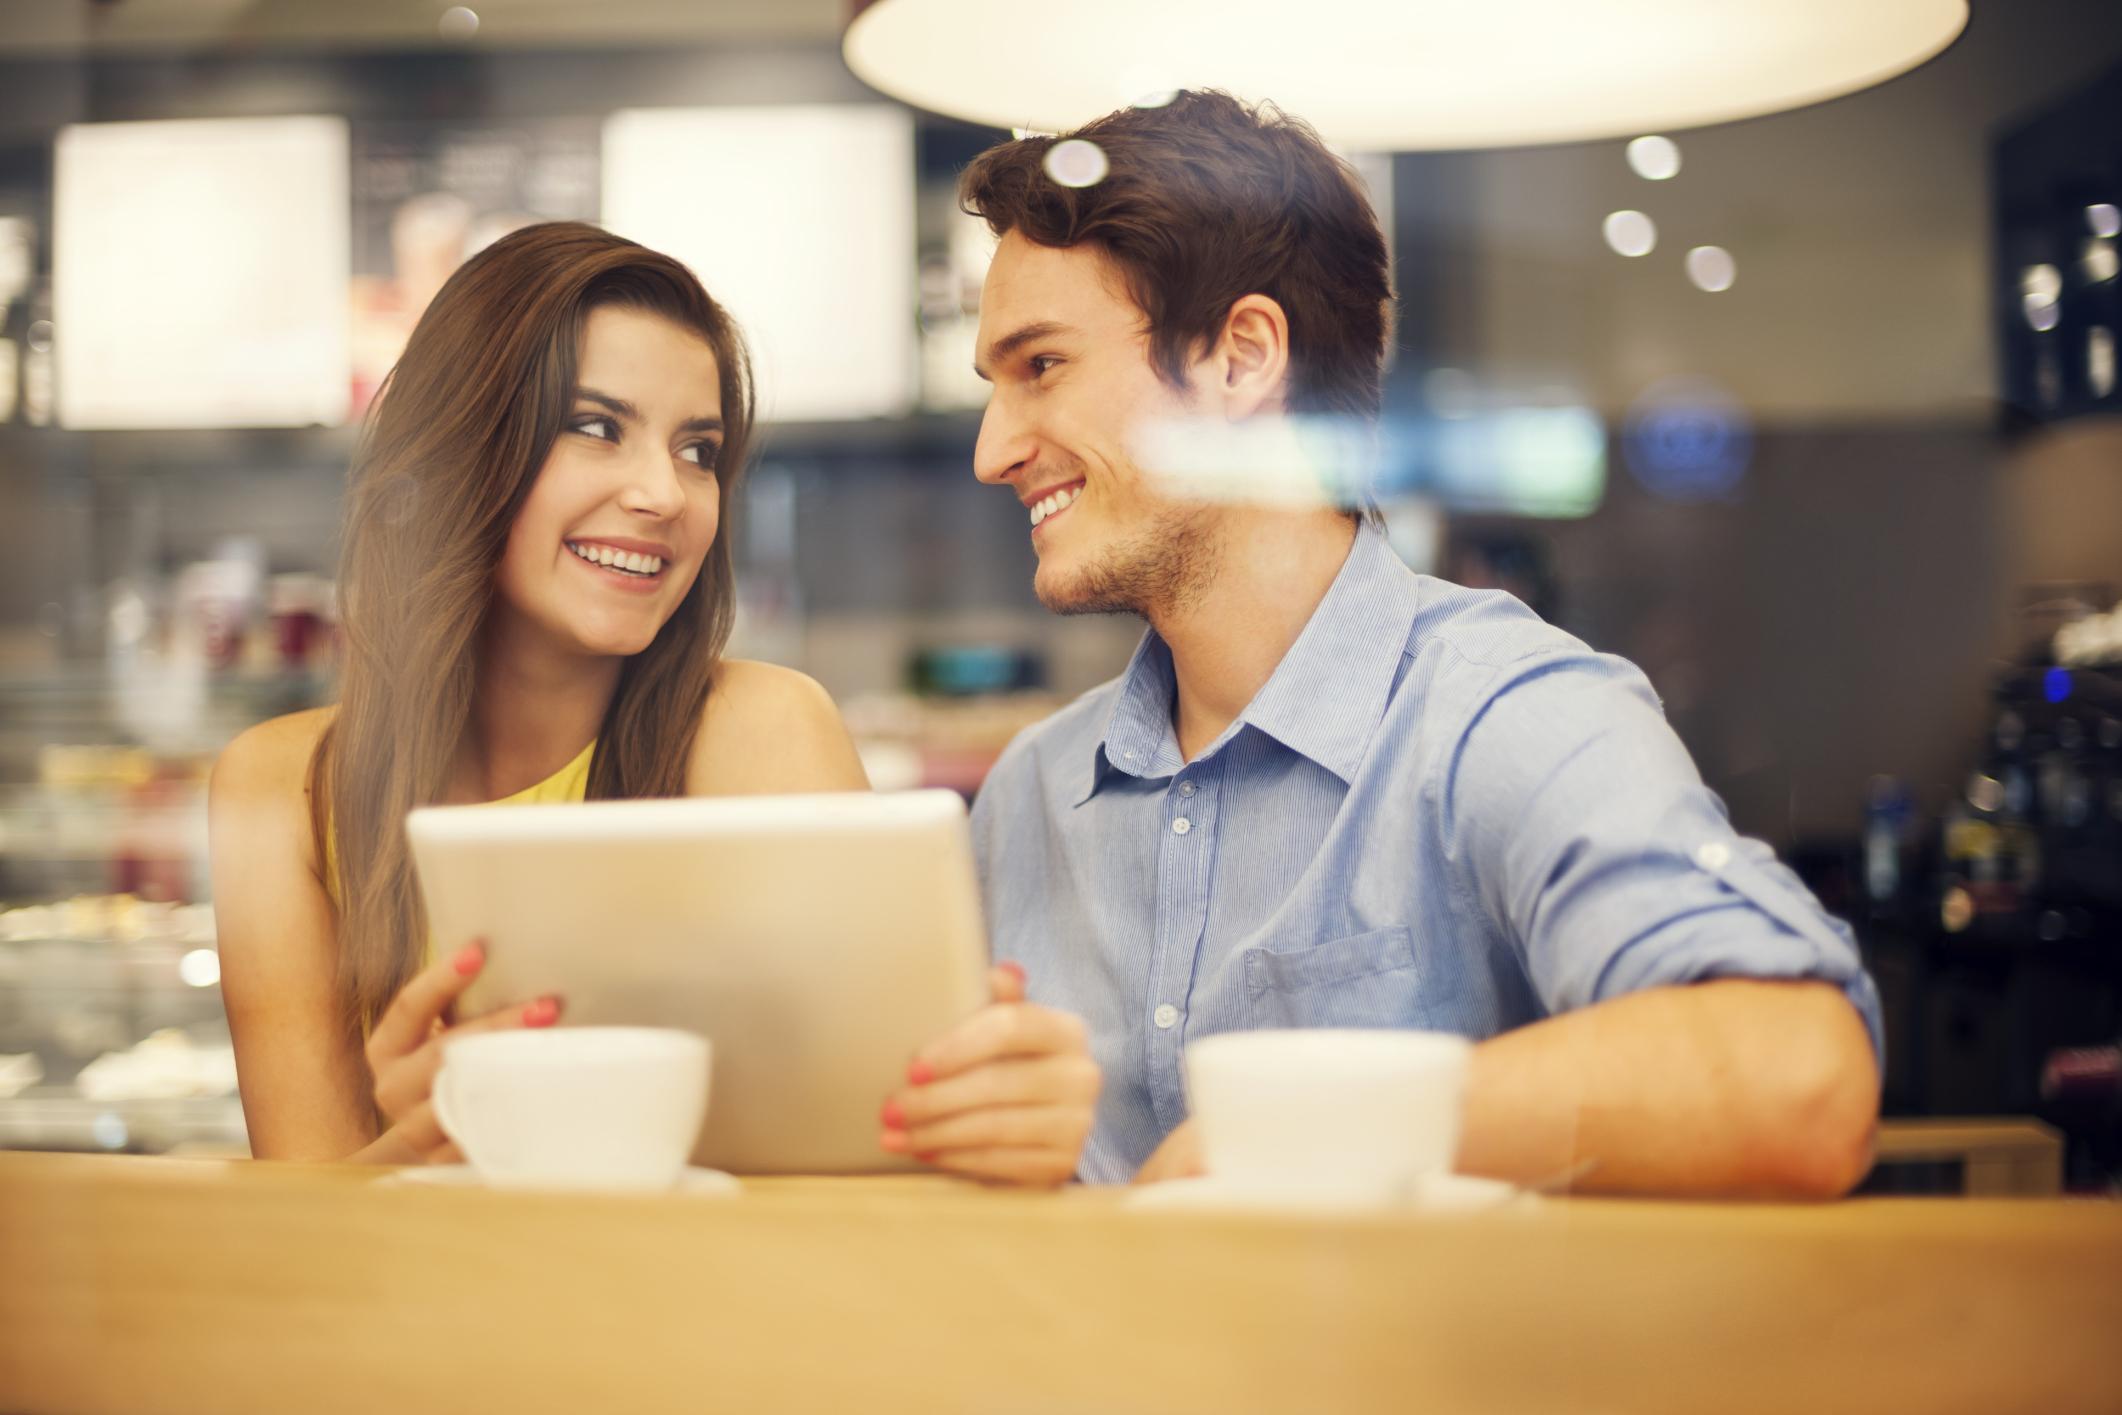 общение с виртуальной девушкой